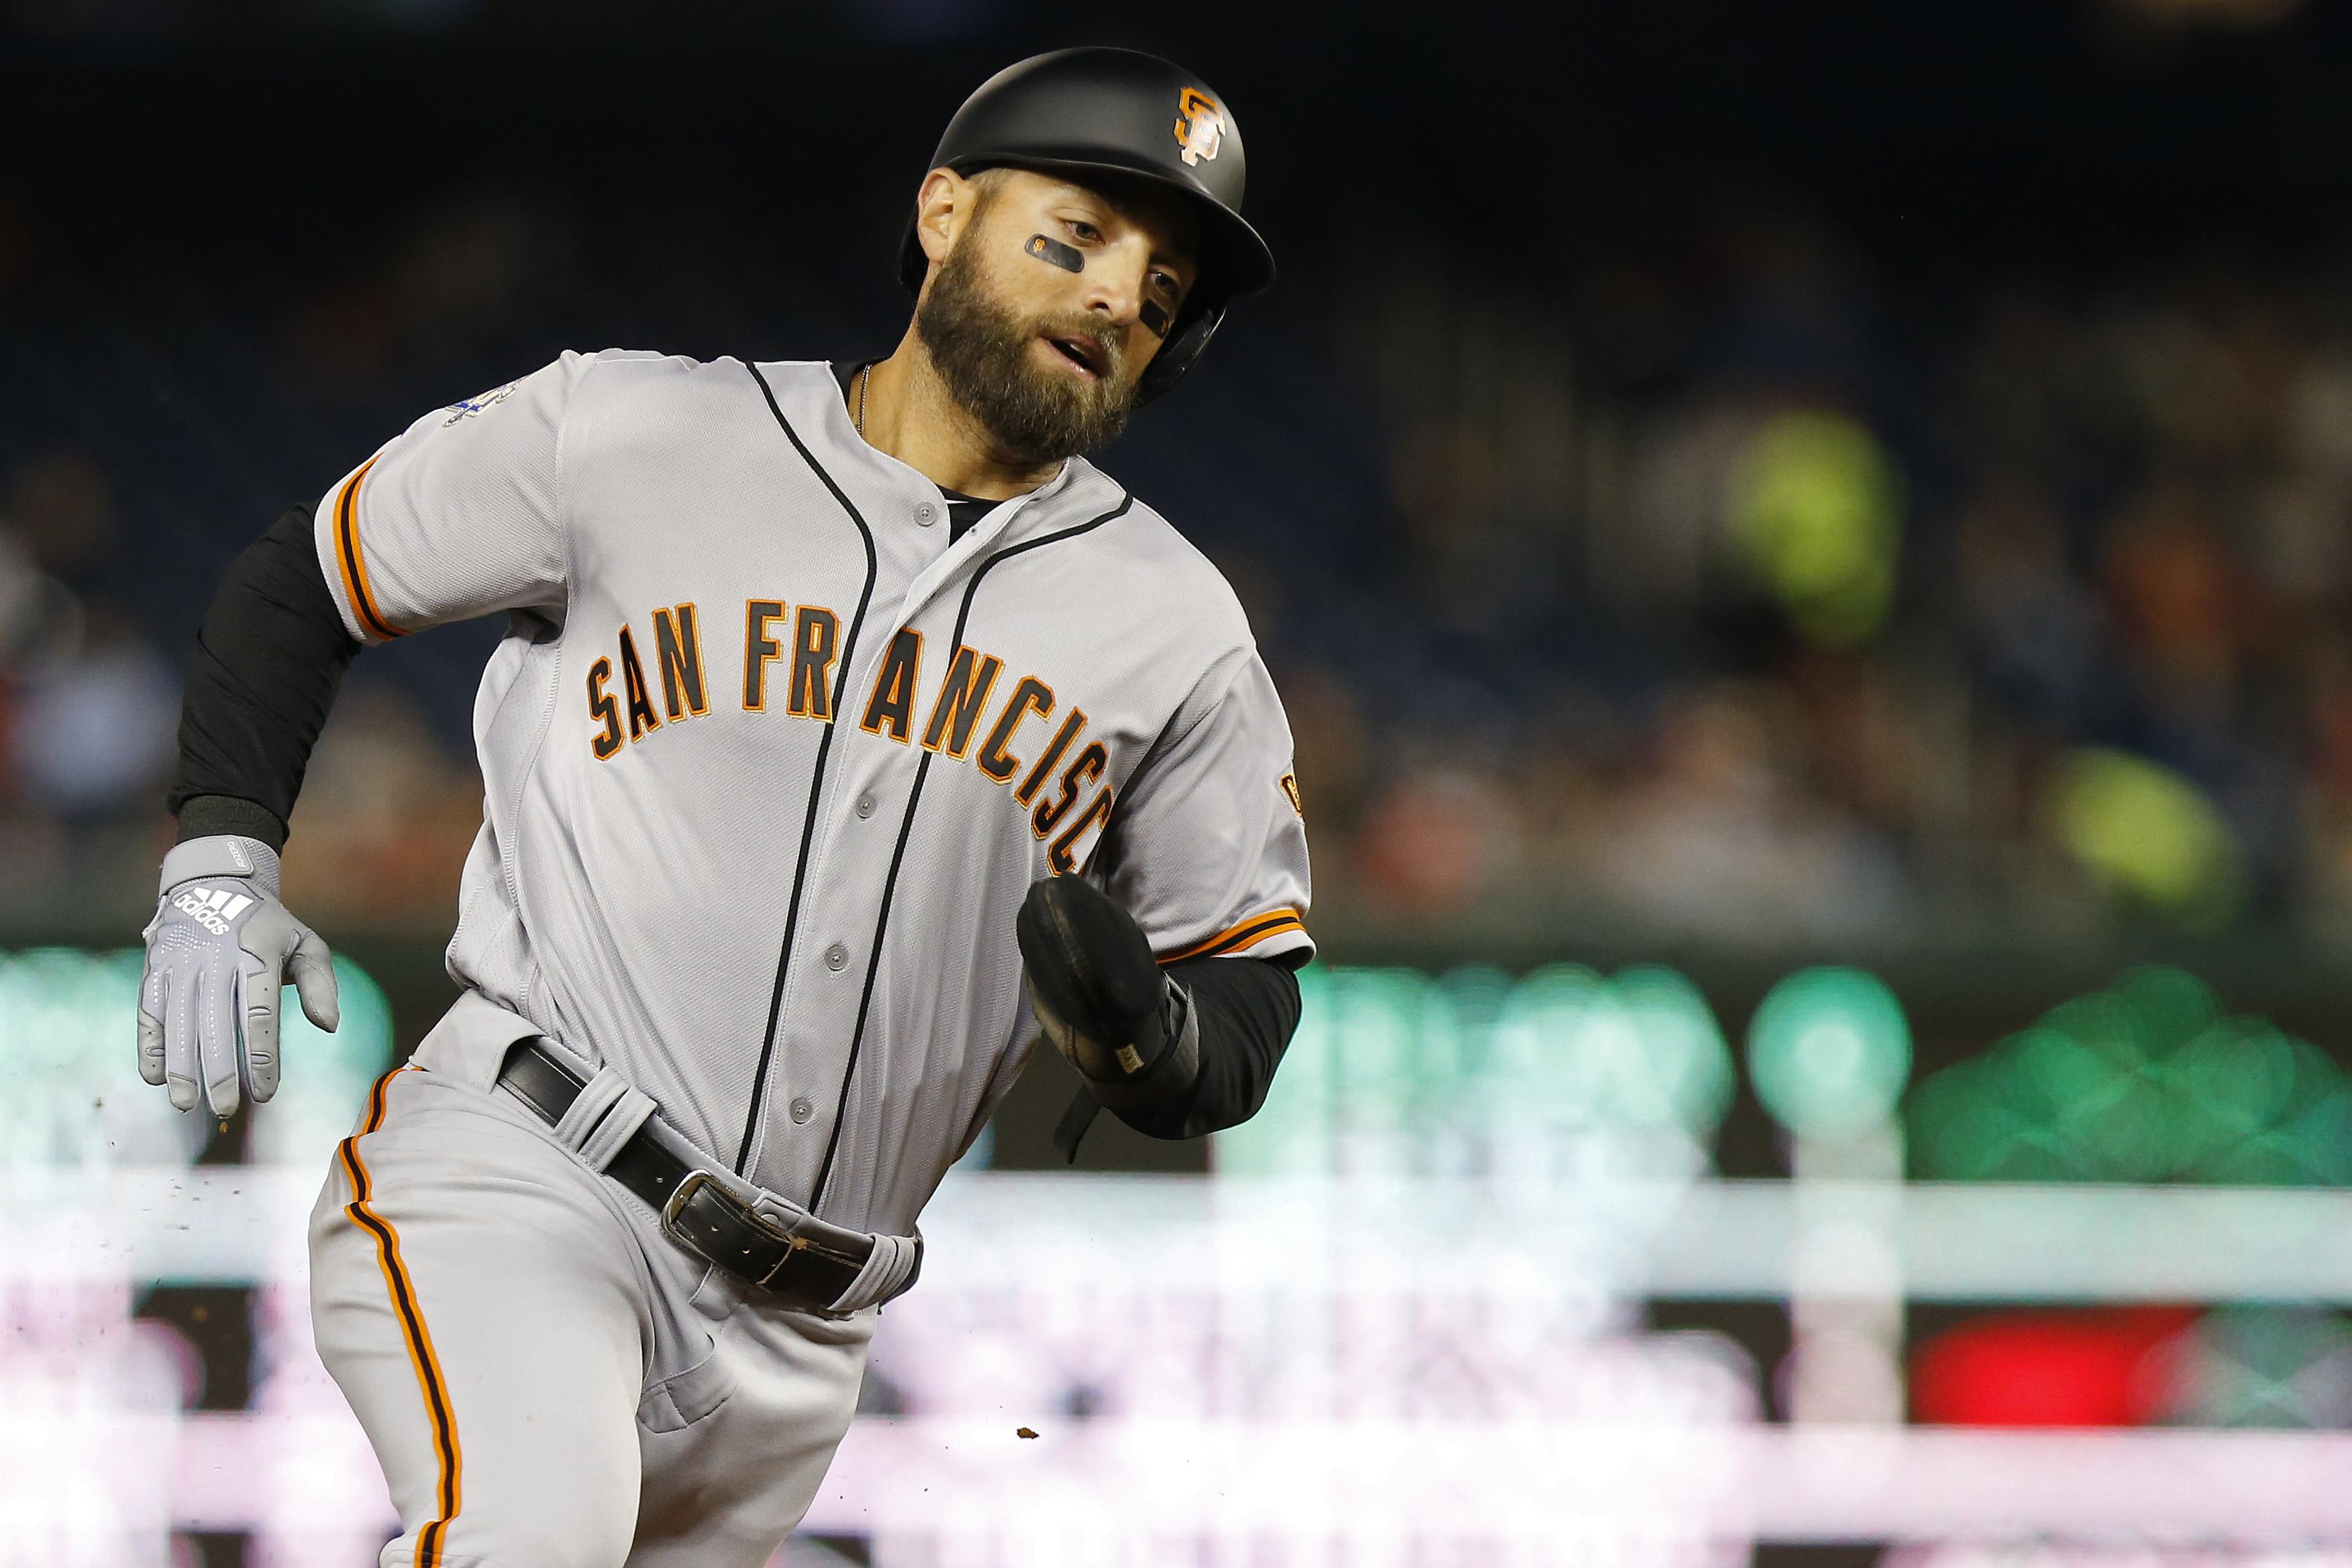 MLB: San Francisco Giants at Washington Nationals